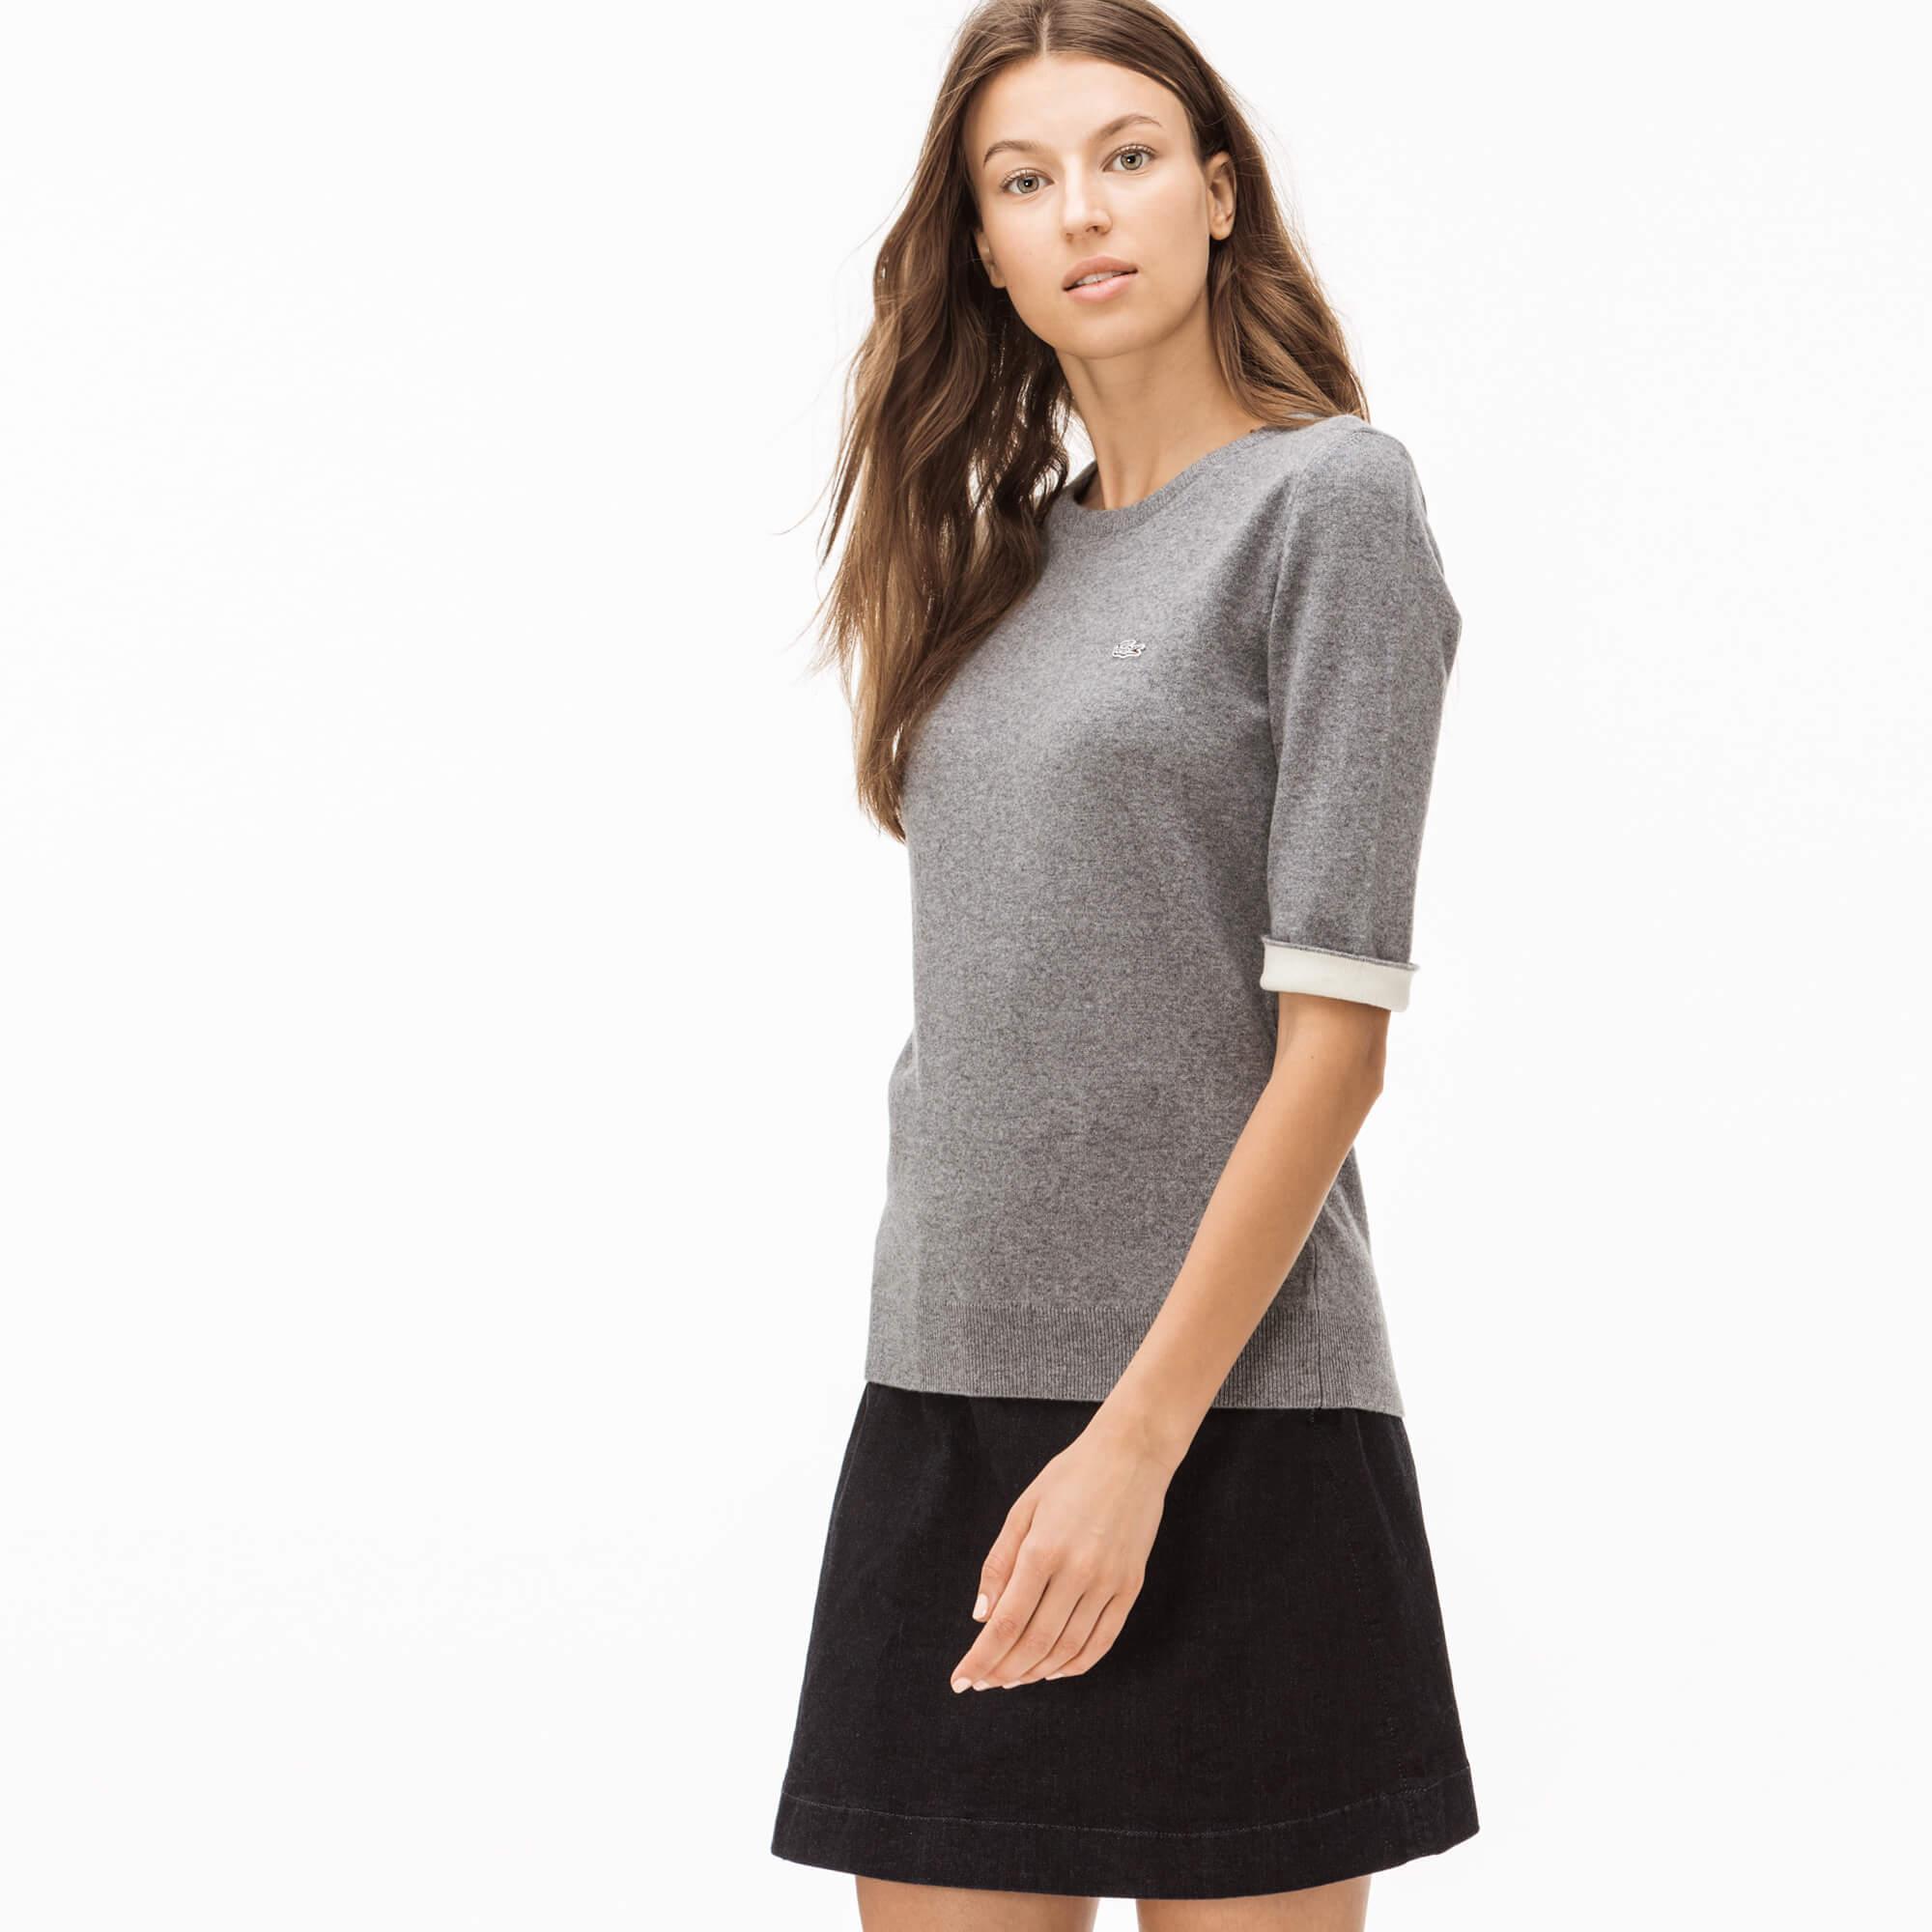 Фото 2 - Женский свитер Lacoste серого цвета